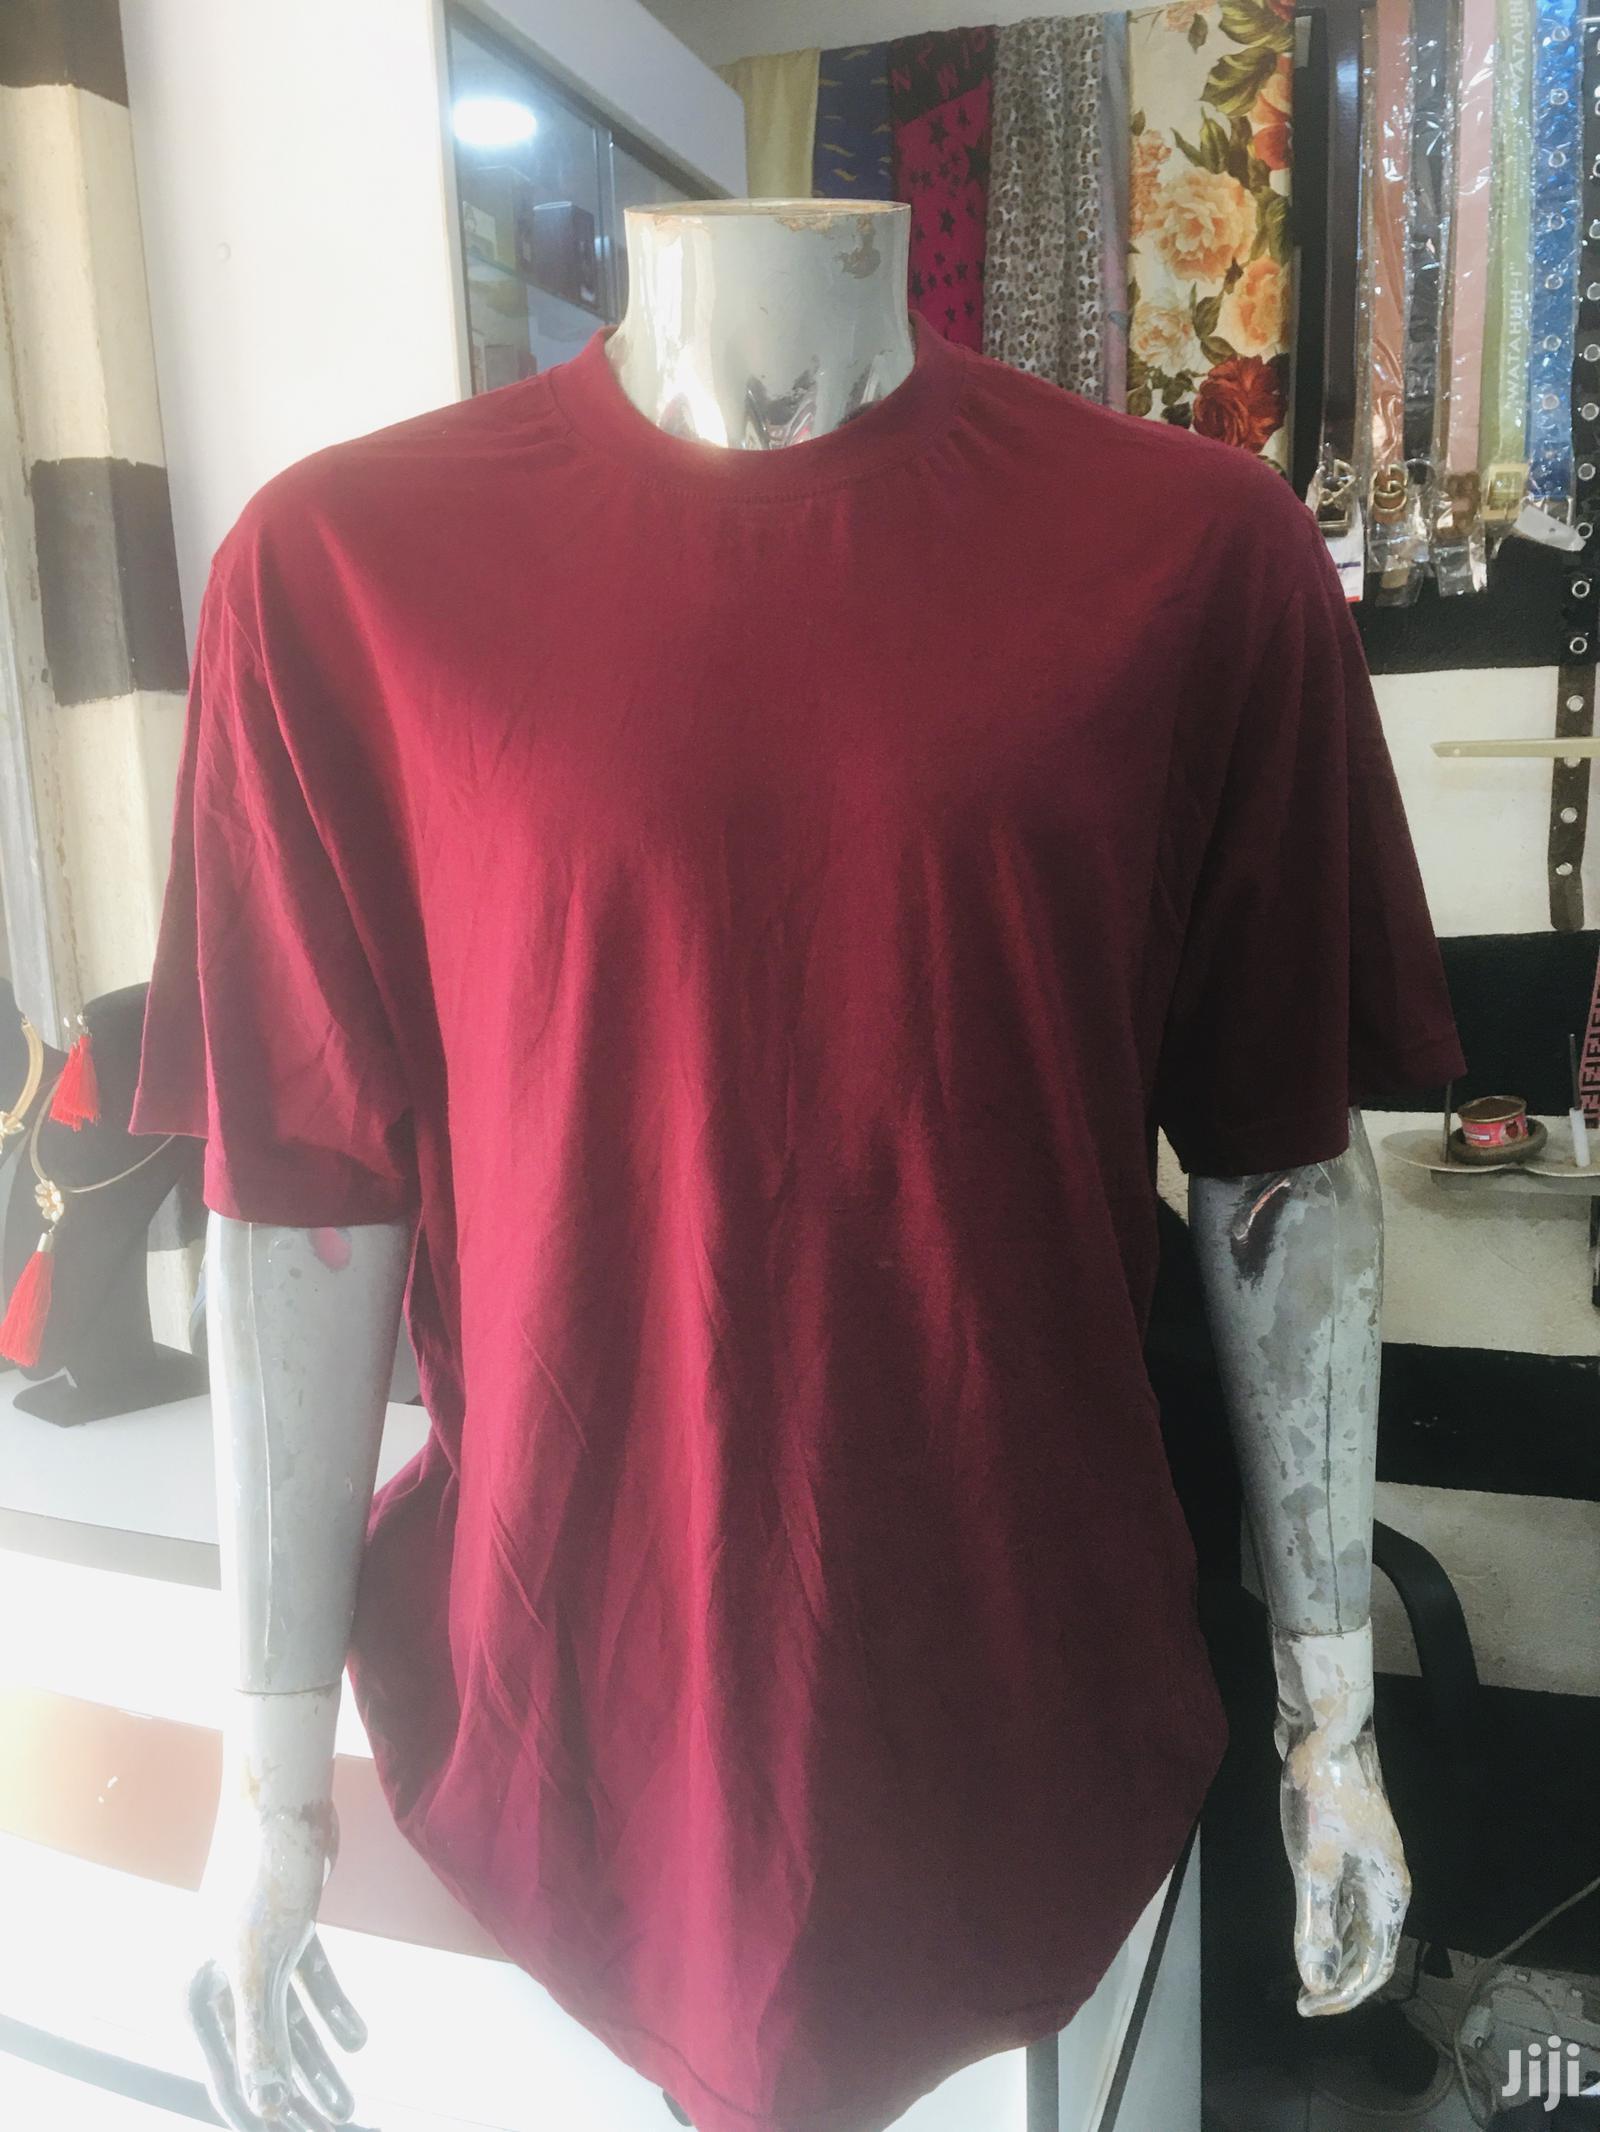 T-shirt'S From Belgium